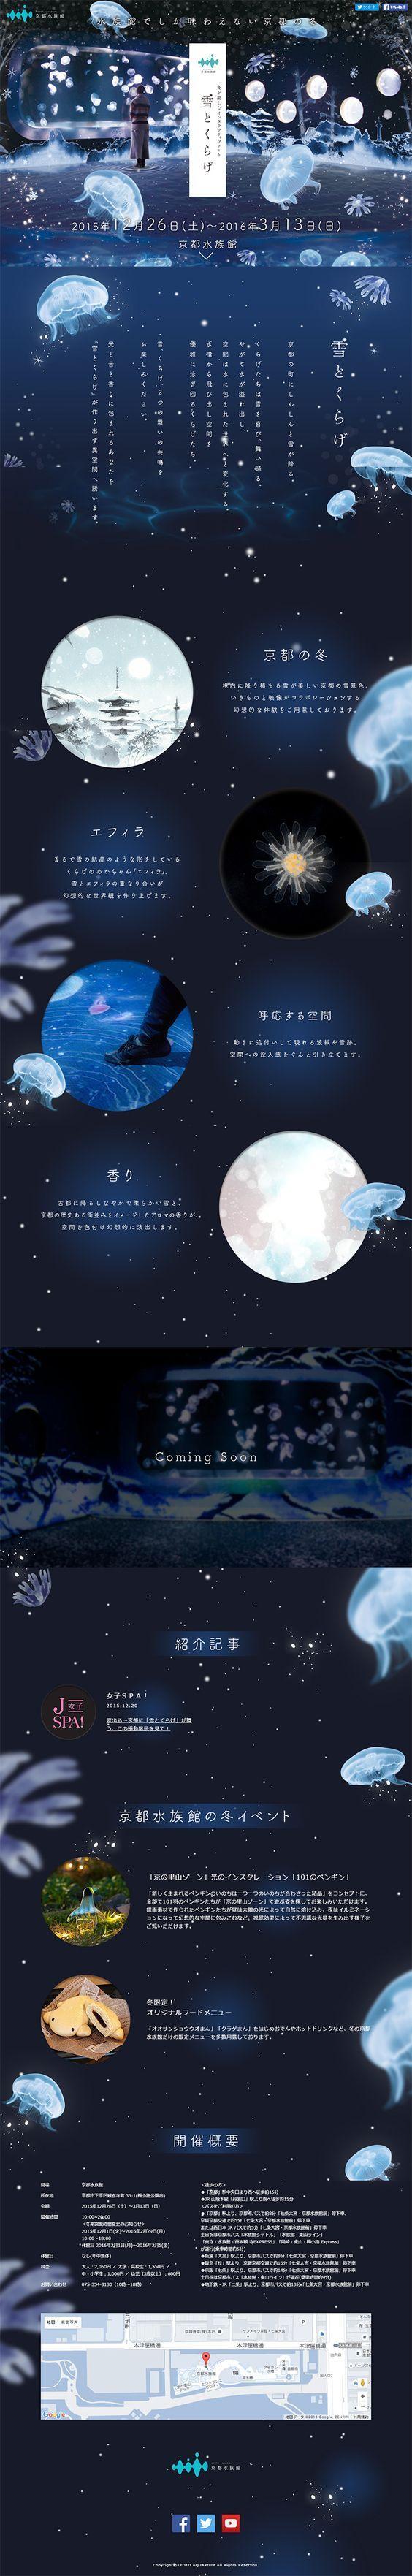 冬を楽しむインタラクティブアート 雪とくらげ | 京都水族館: